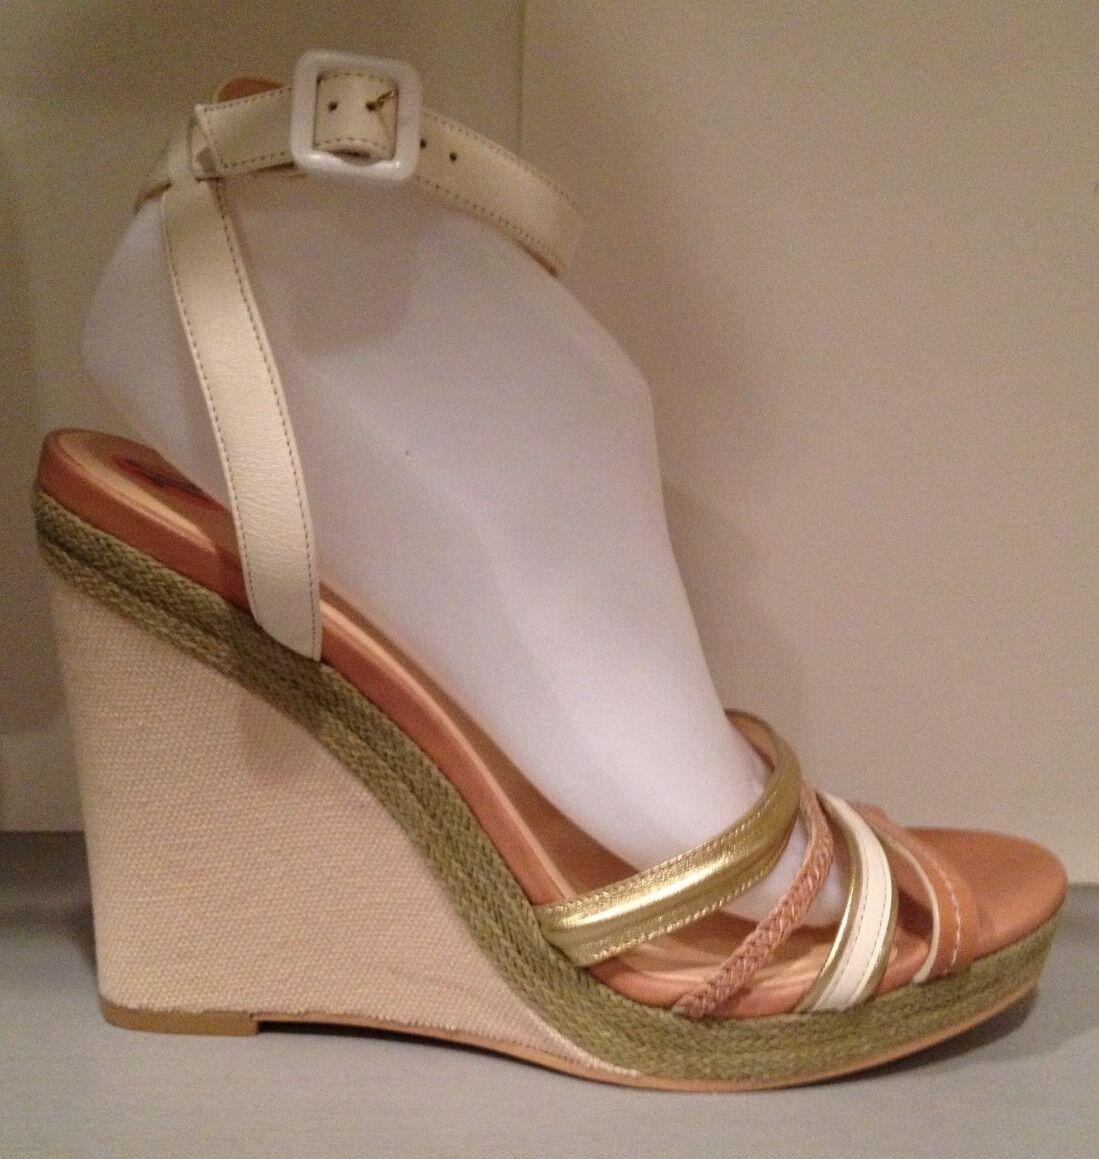 Cole Ankle Haan Sandales Wedge Platform Ankle Cole Strap Leder Canvas Beige Gold Ivory 10 23fd85